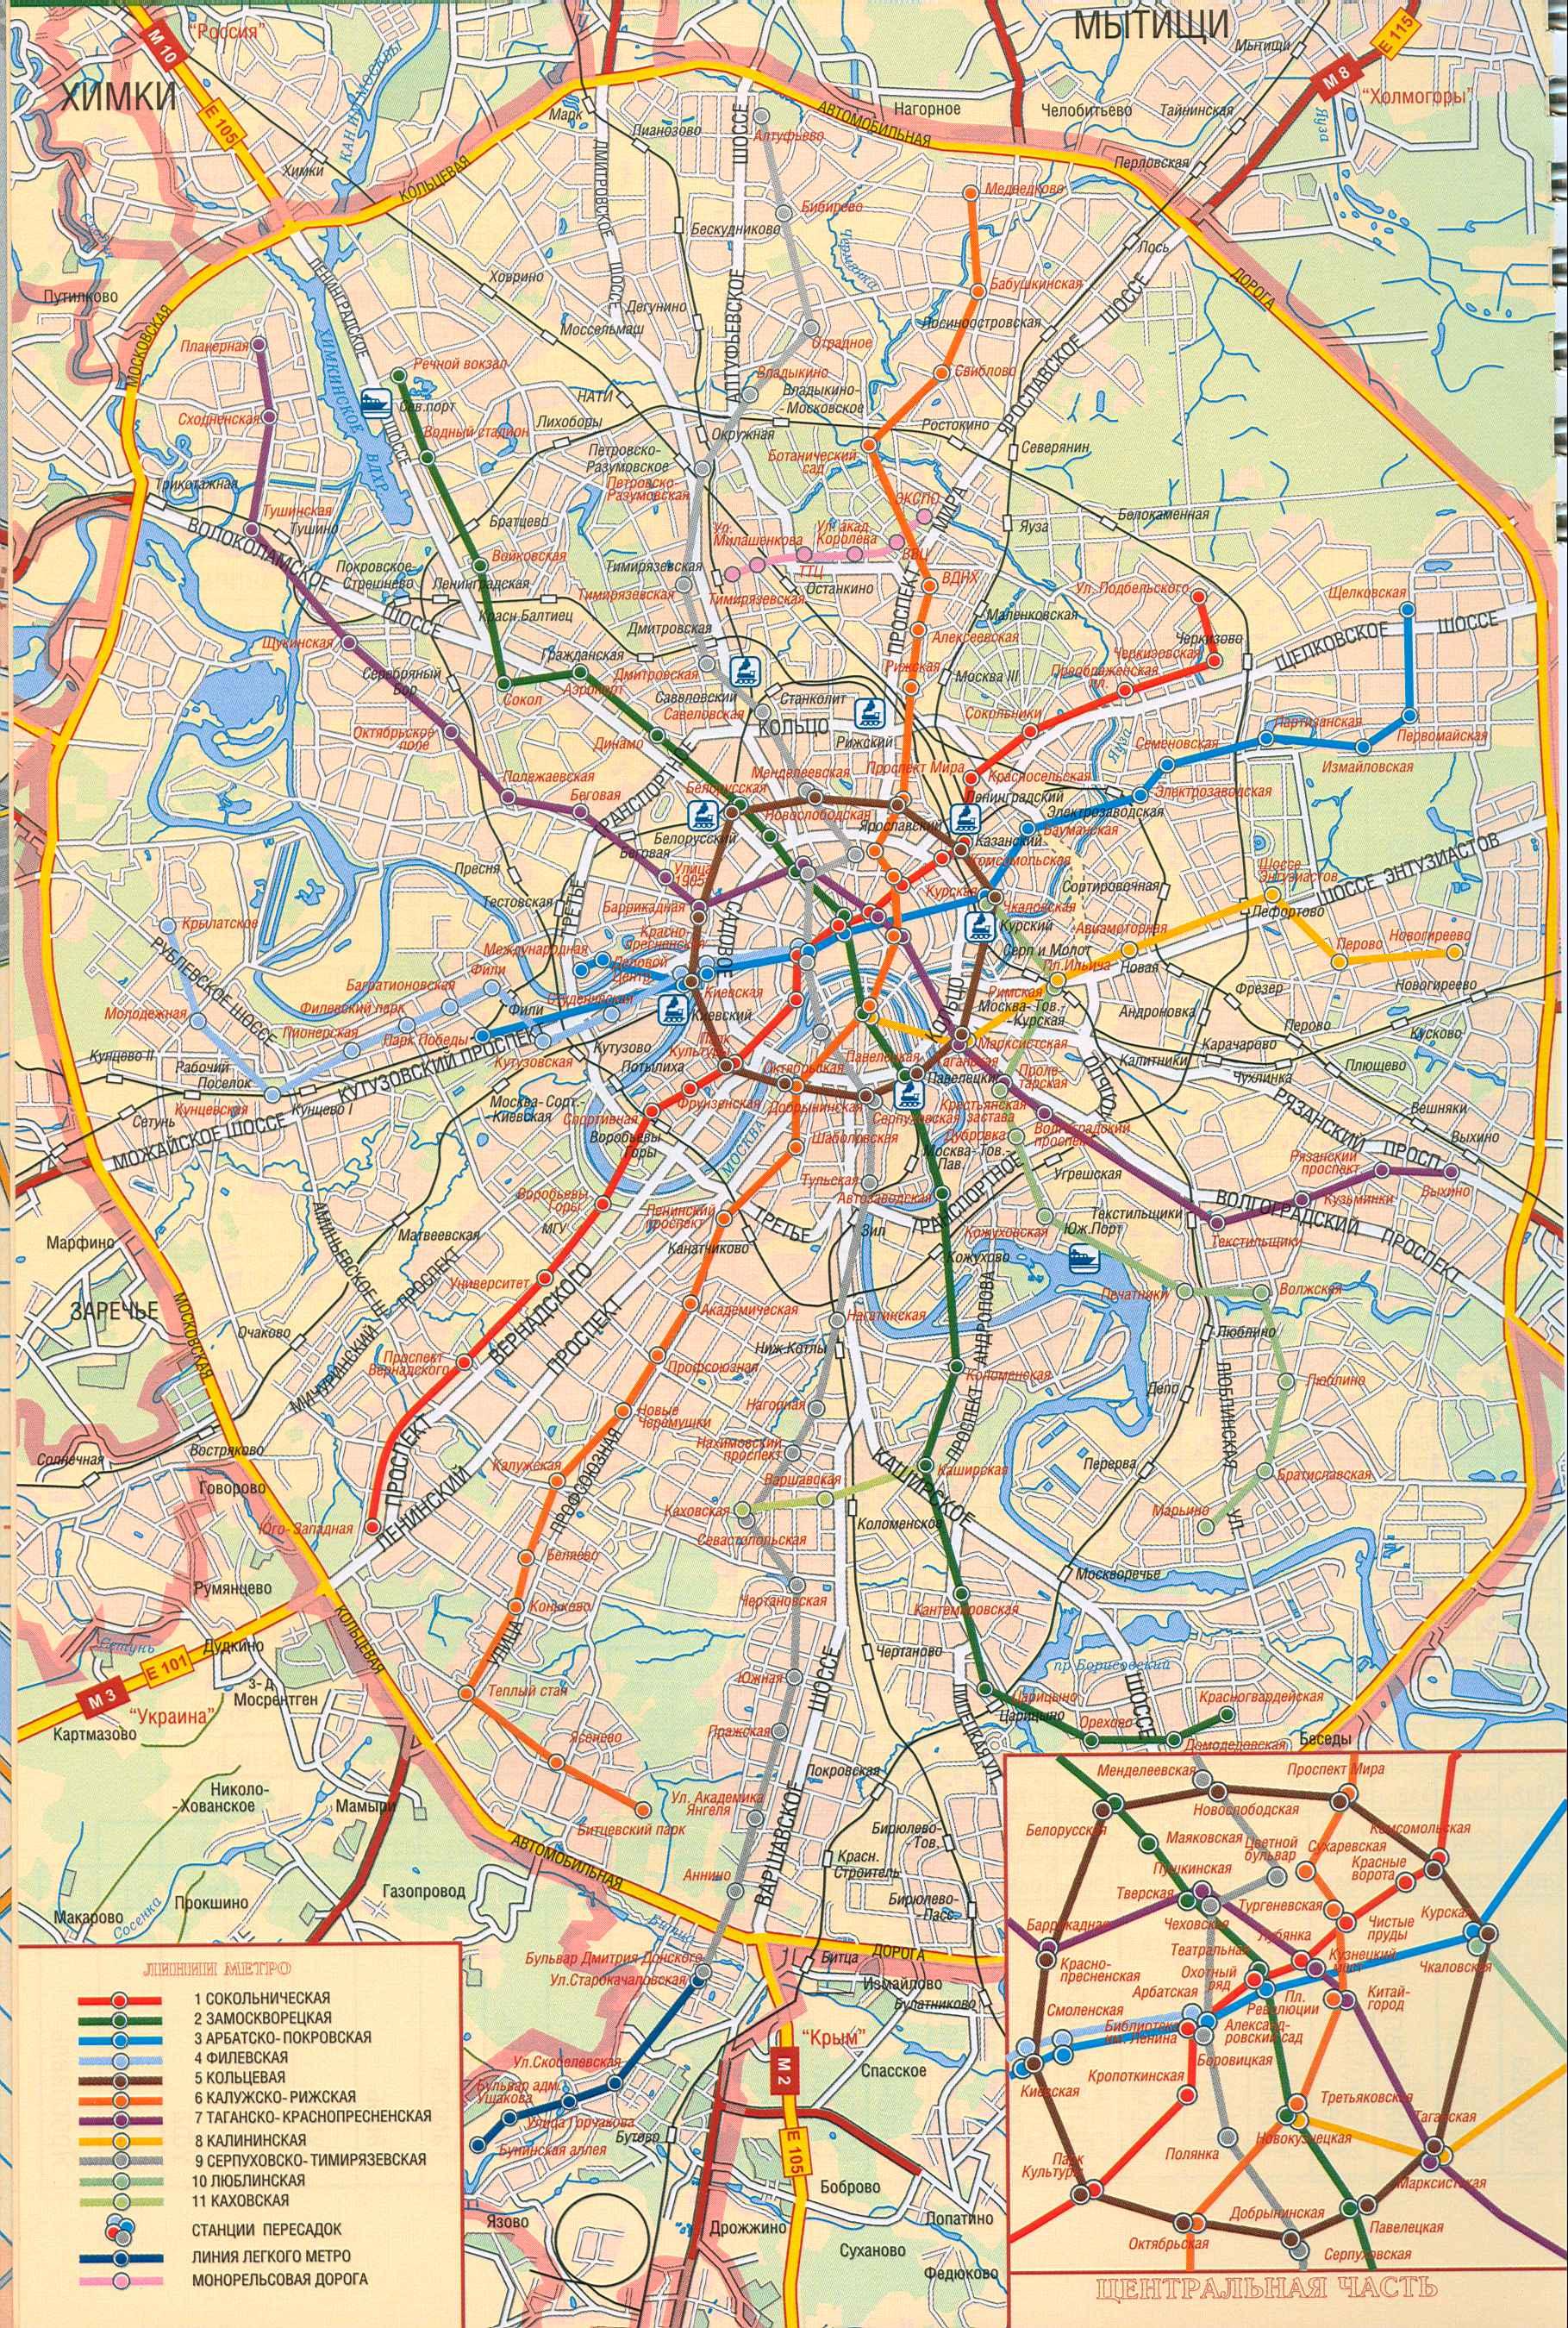 Москва большая подробная карта схема